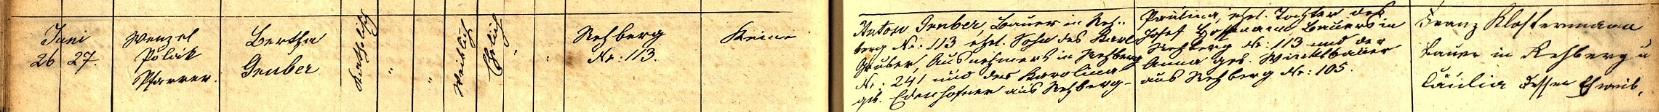 Záznam o narození jeho ženy Berthy v Srní